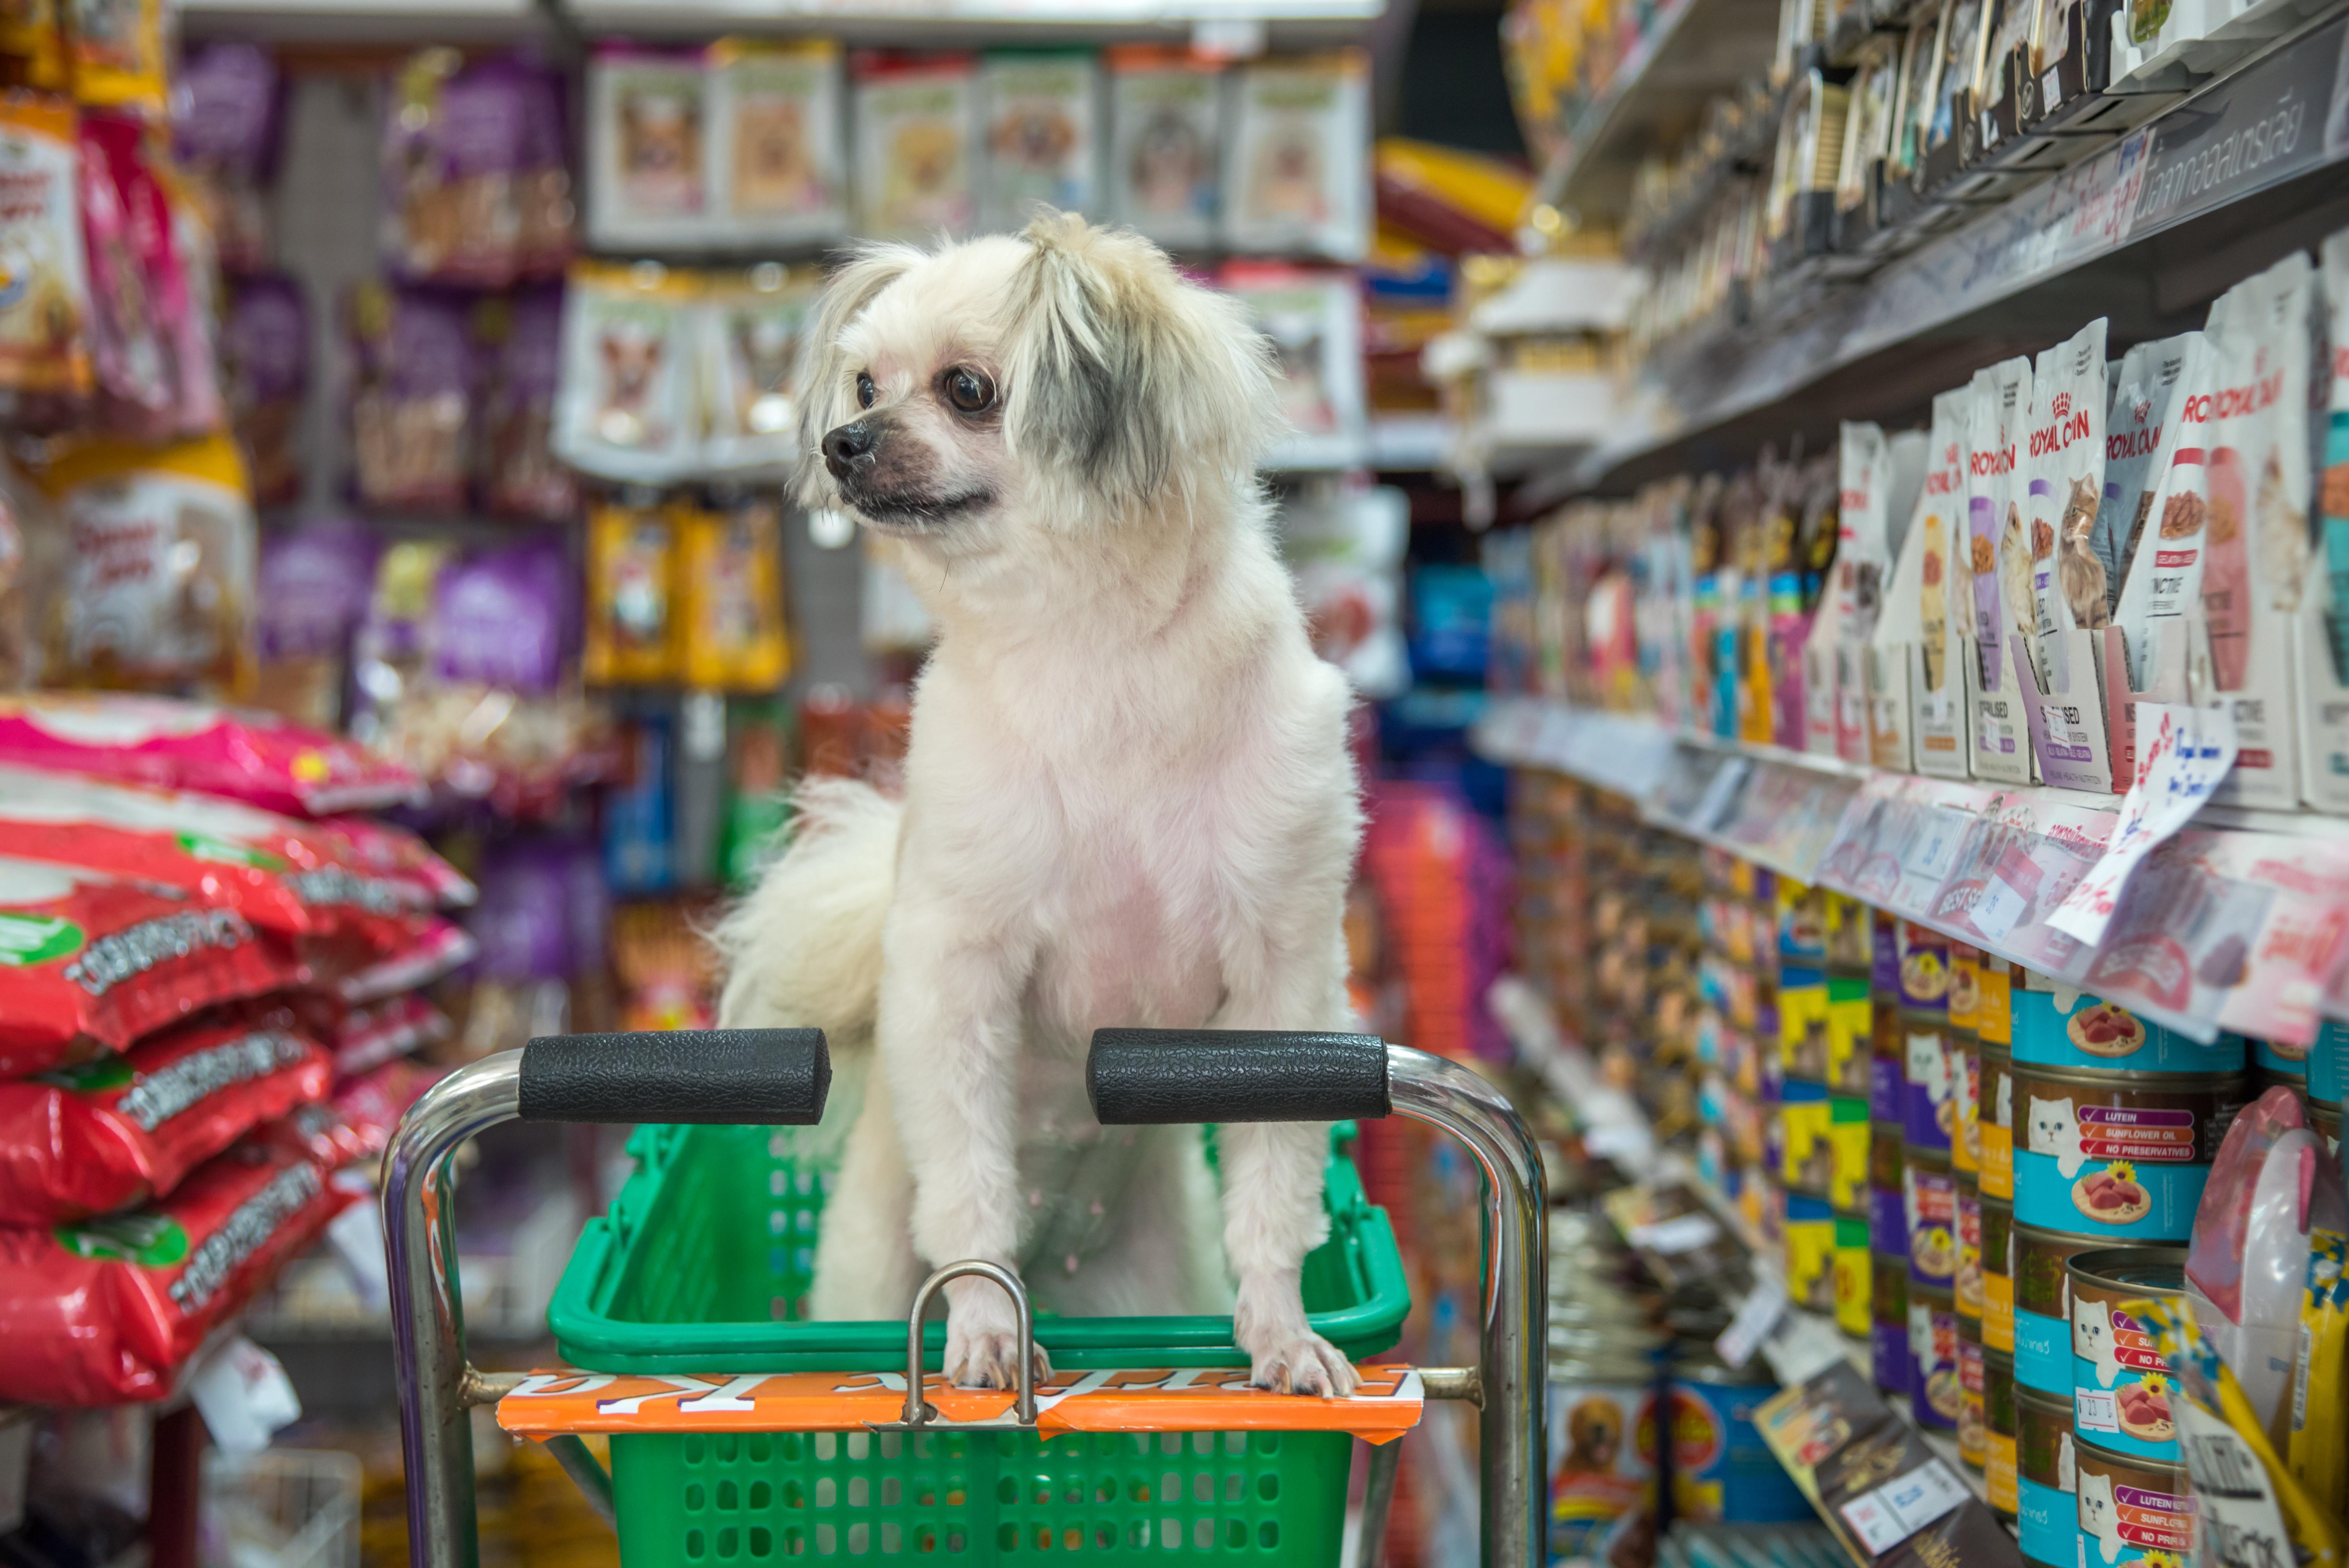 hannaford cart and dog